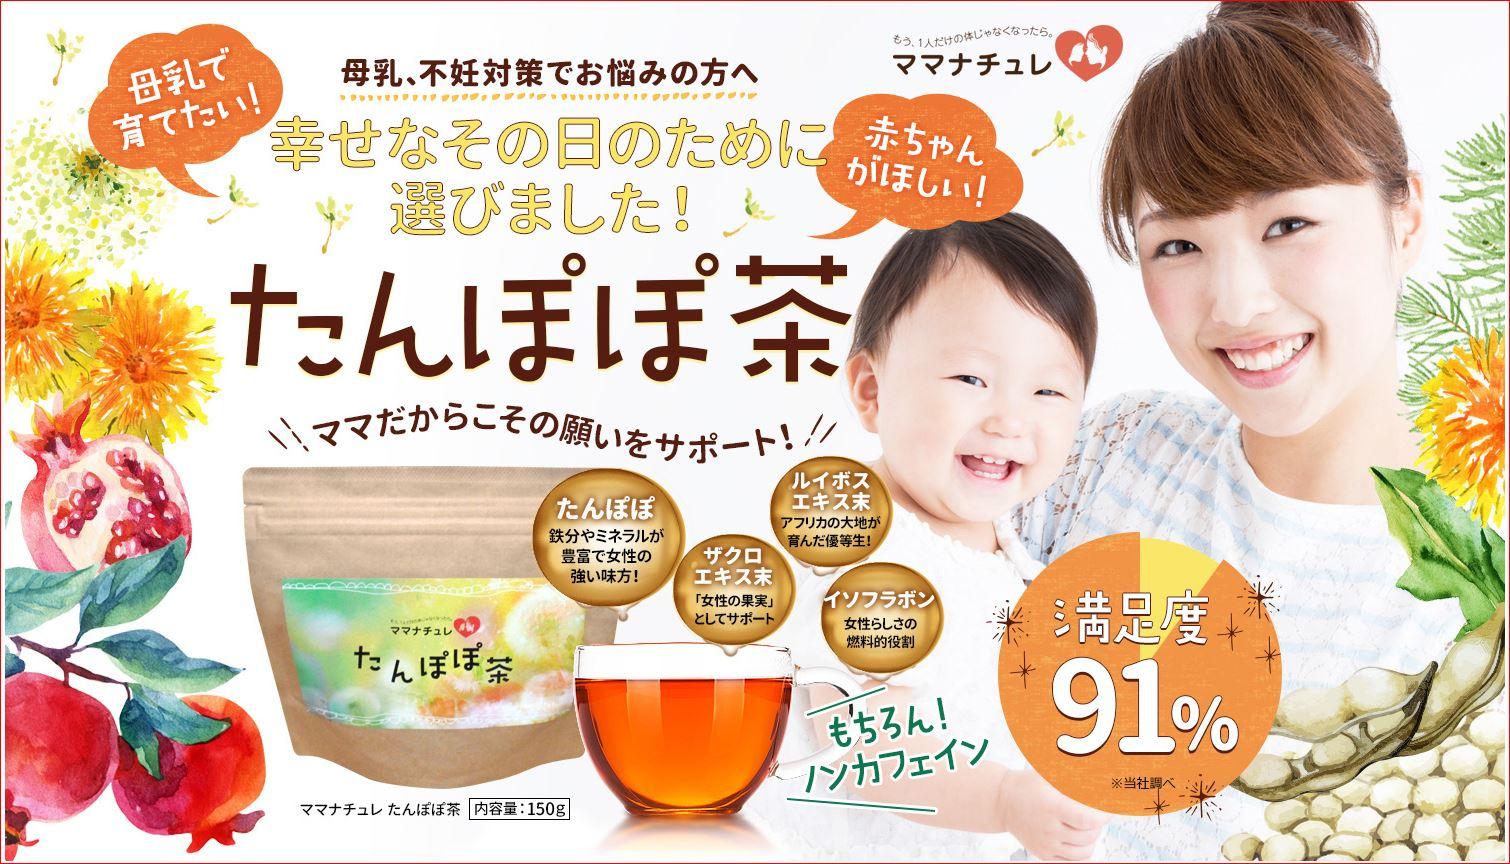 ママナチュレたんぽぽ茶の口コミを徹底検証!妊活や母乳への効果は?